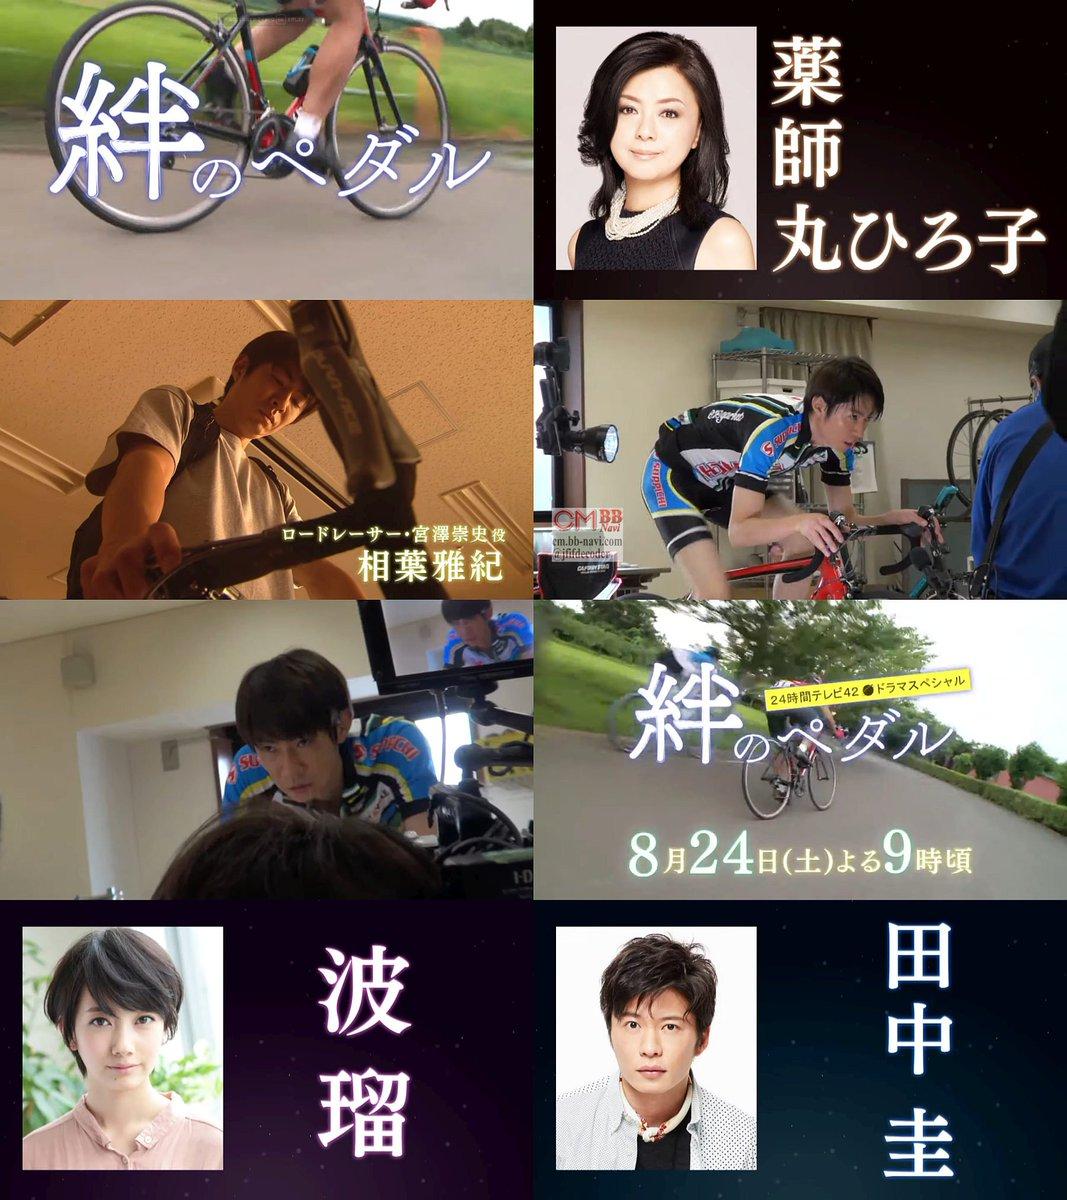 絆 の ペダル 動画